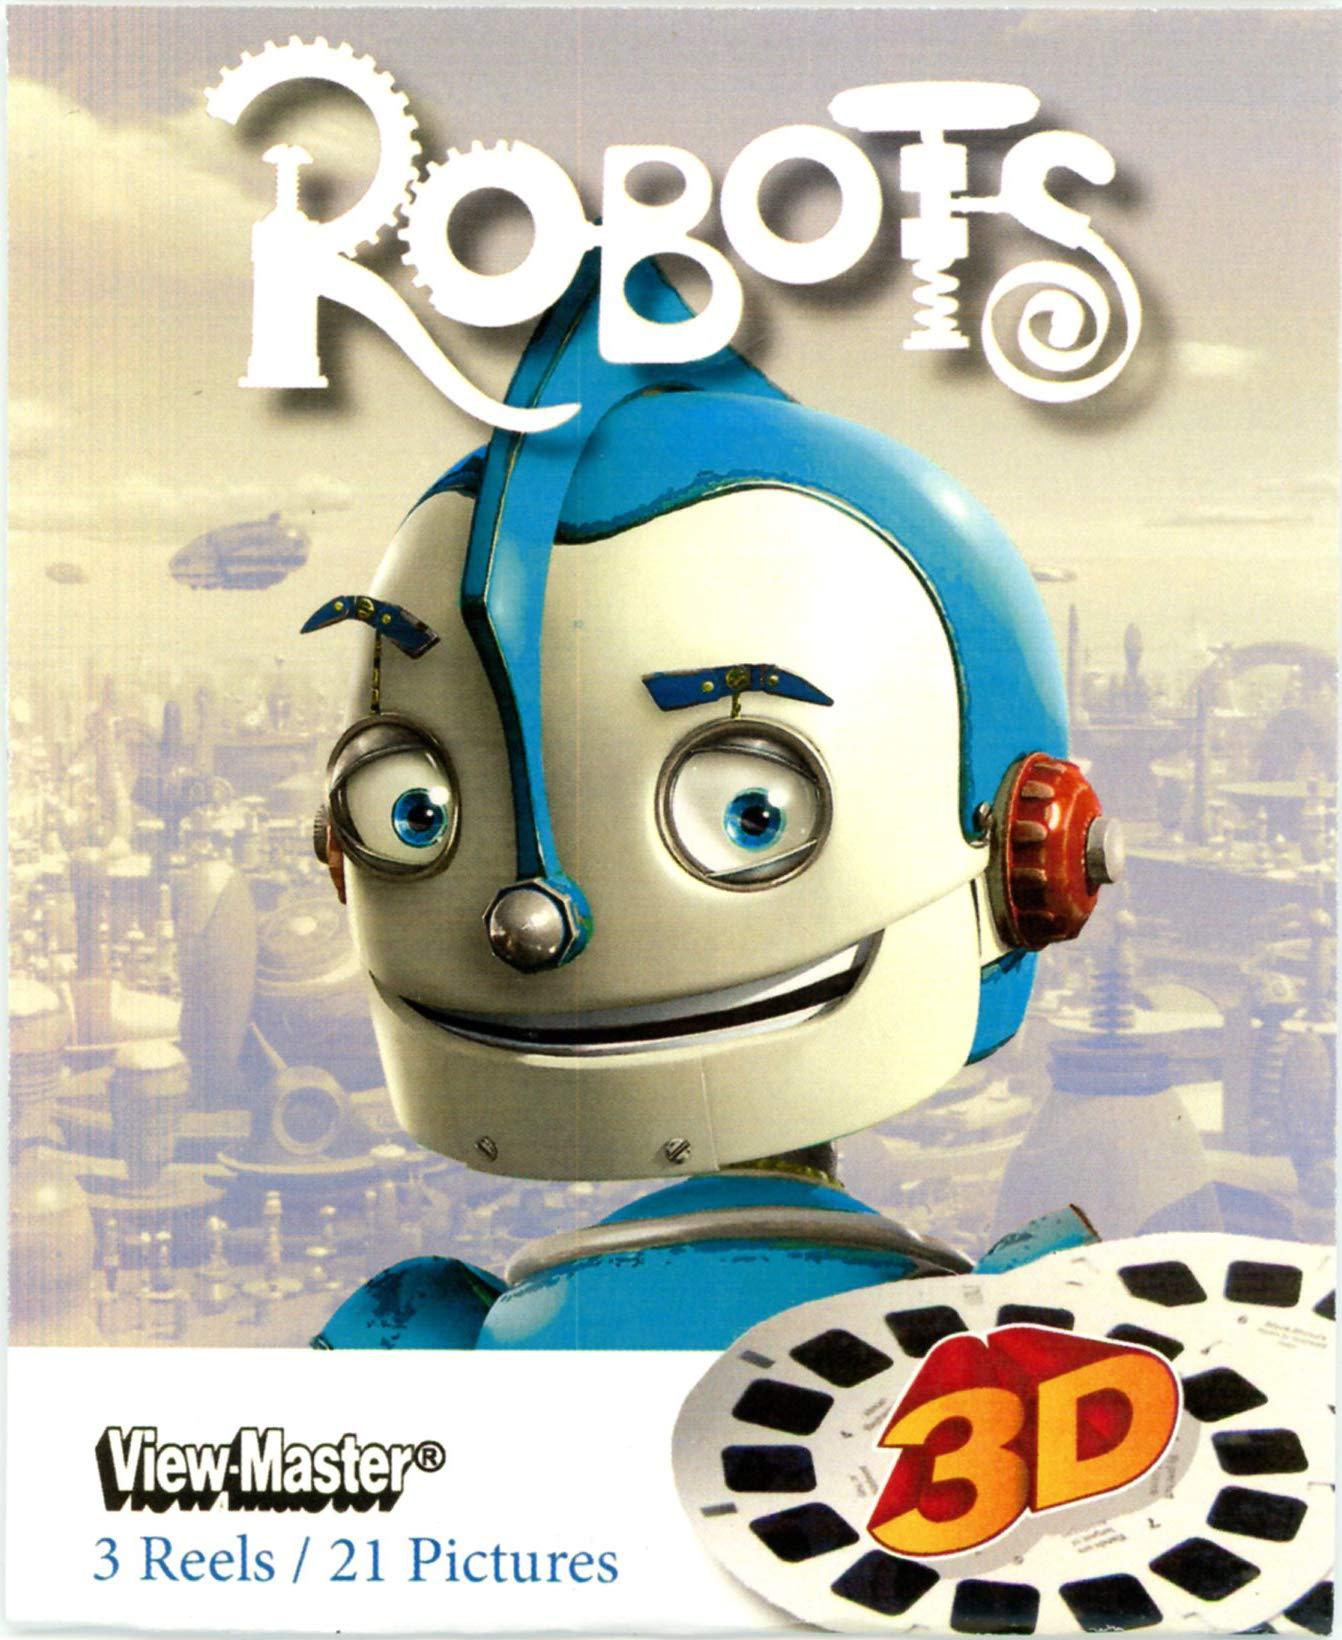 View-Master *Robots* 3D Reels